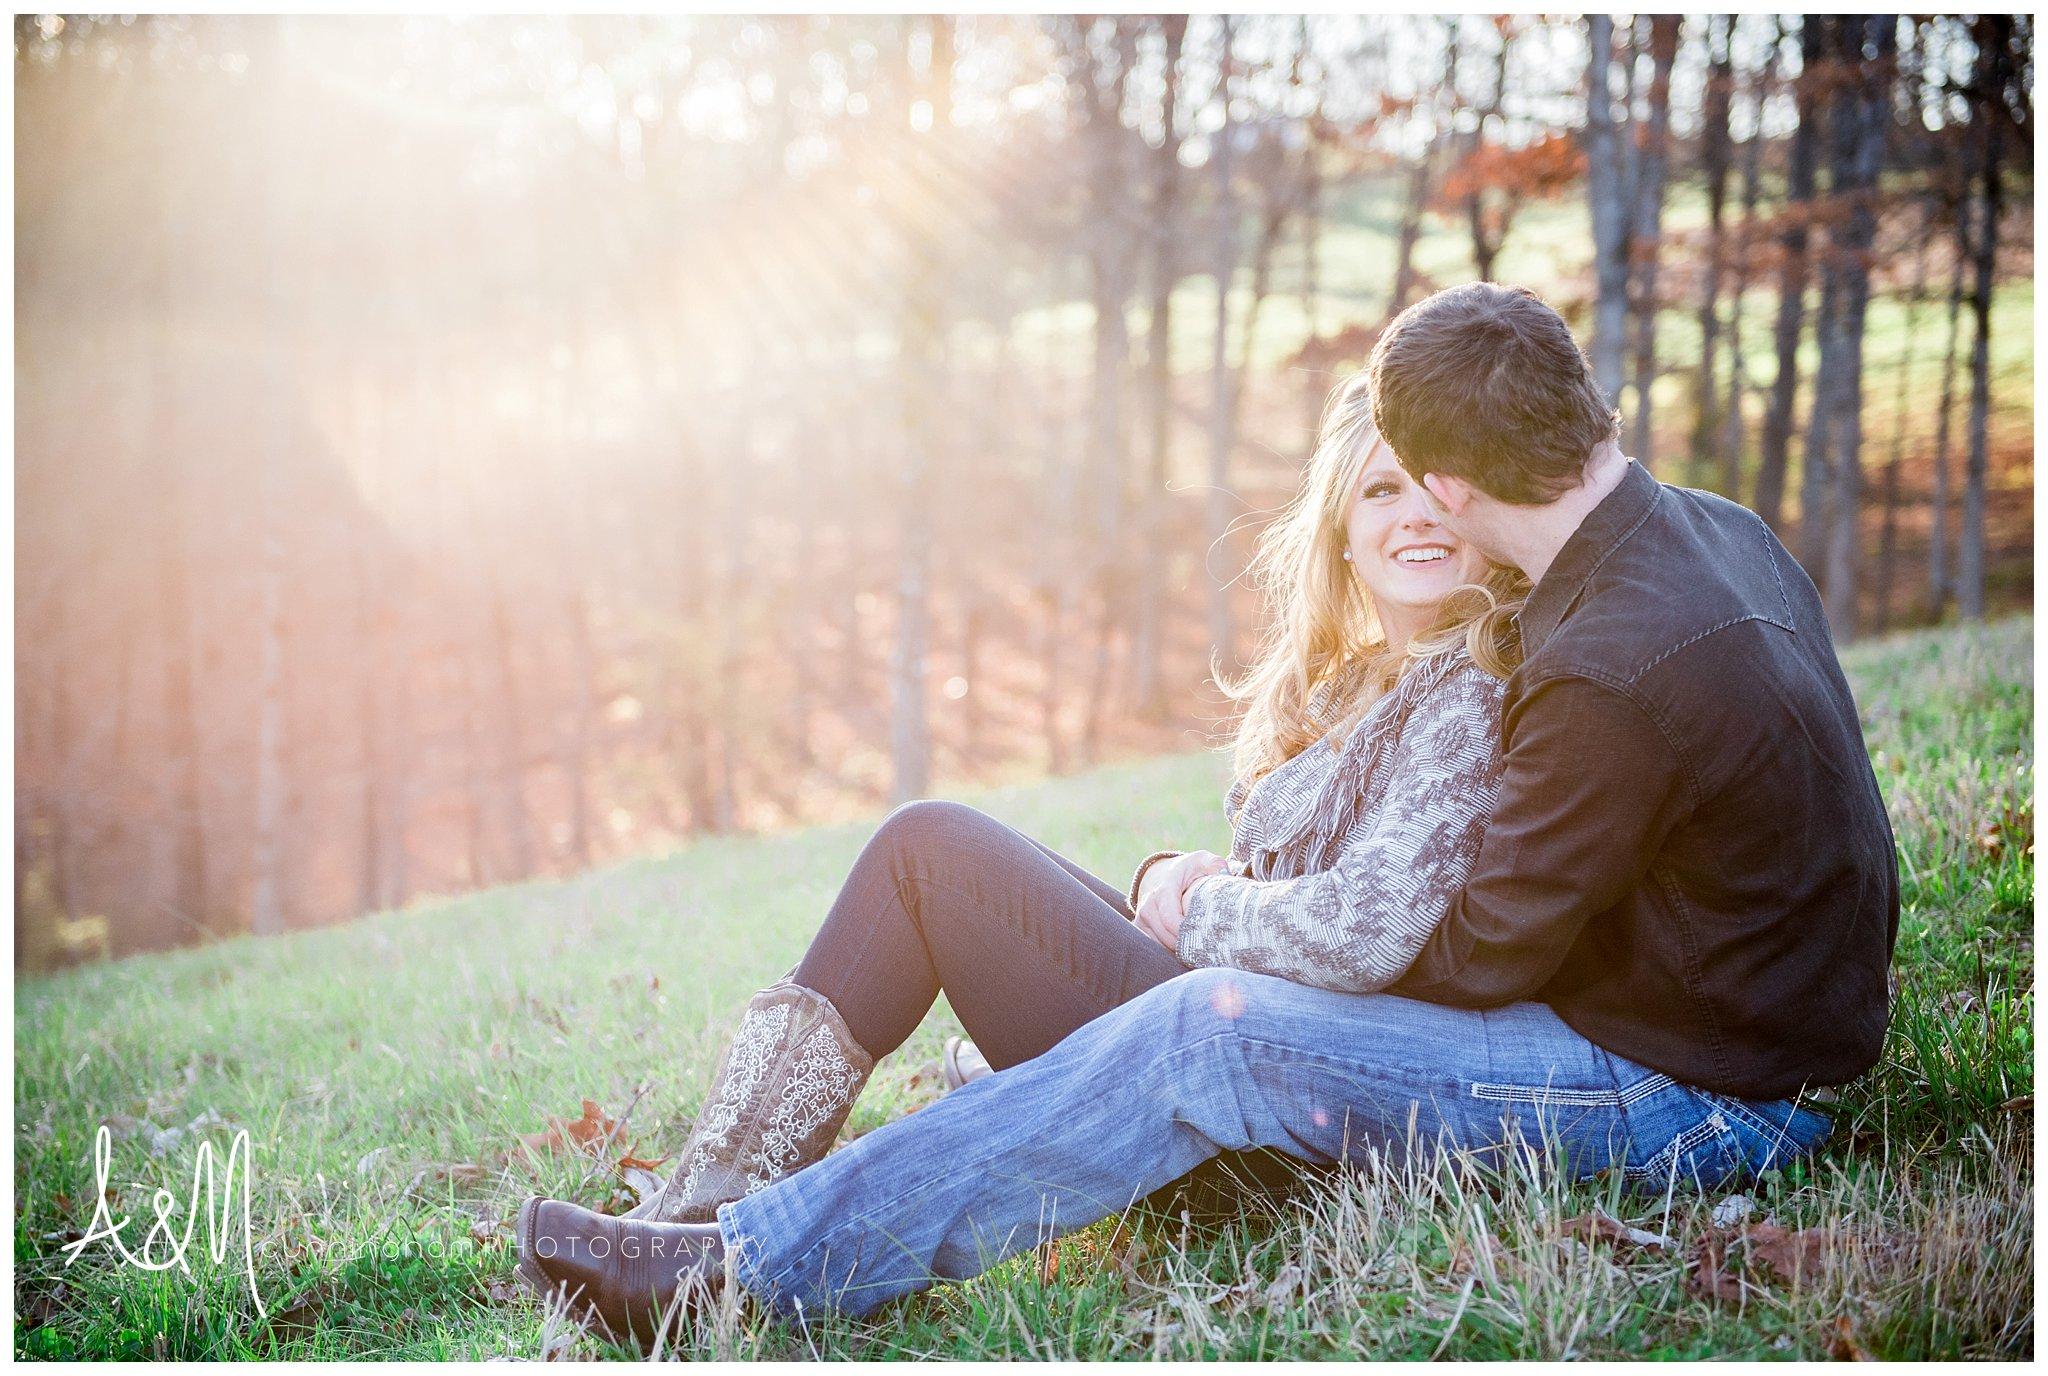 A&M Cunningham Photography Heartland Meadows -6977.jpg